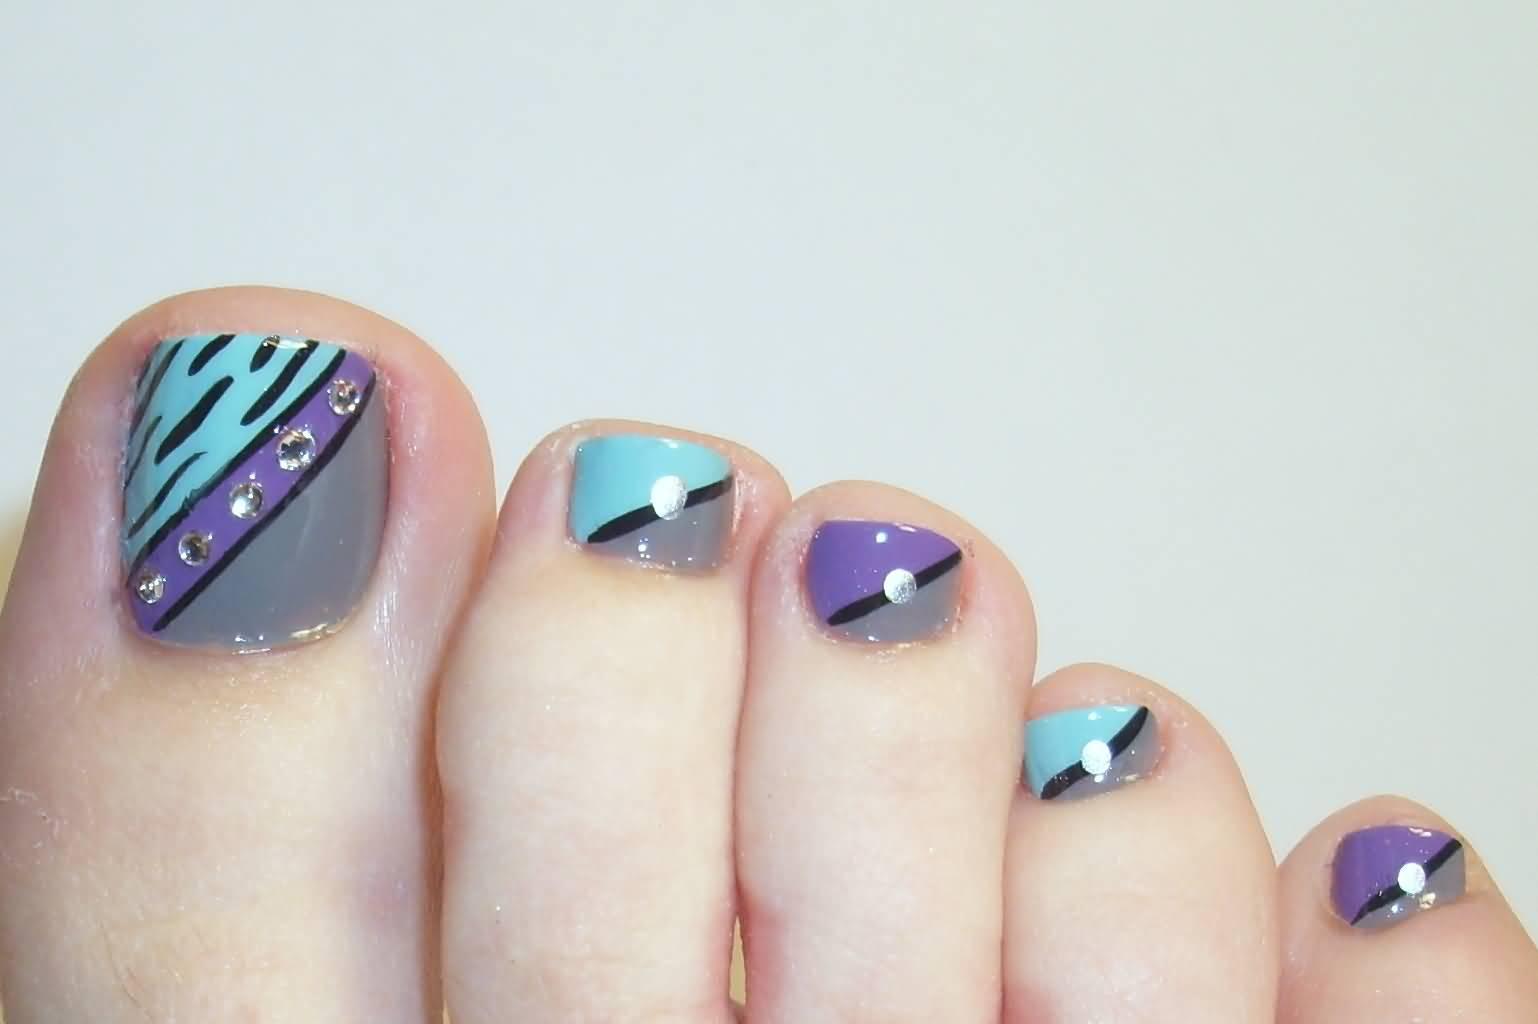 Toe Nail Designs Navy Blue: Navy blue and yellow pedi design nail ...